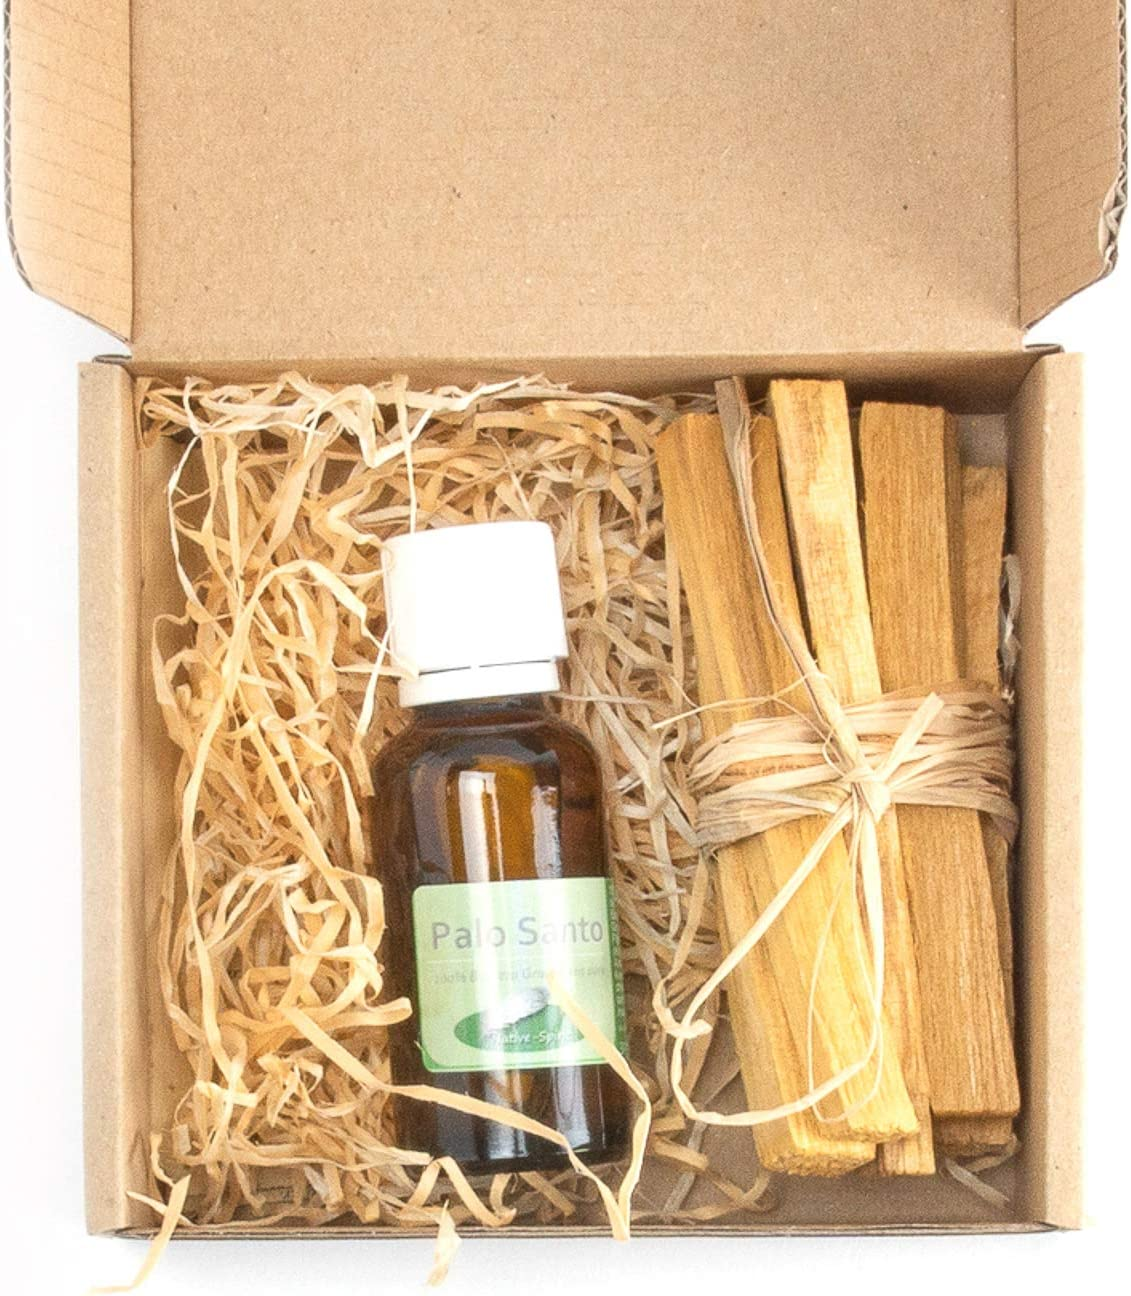 Paquete de bonificación de Palo Santo: aceite esencial de 30 ml + 6 madera de palo santo (9 x 1 x 1 cm, ~ 30 gr) + aceite esencial santo de palo, (destilado al vapor de Bursera graveolens) sostenible